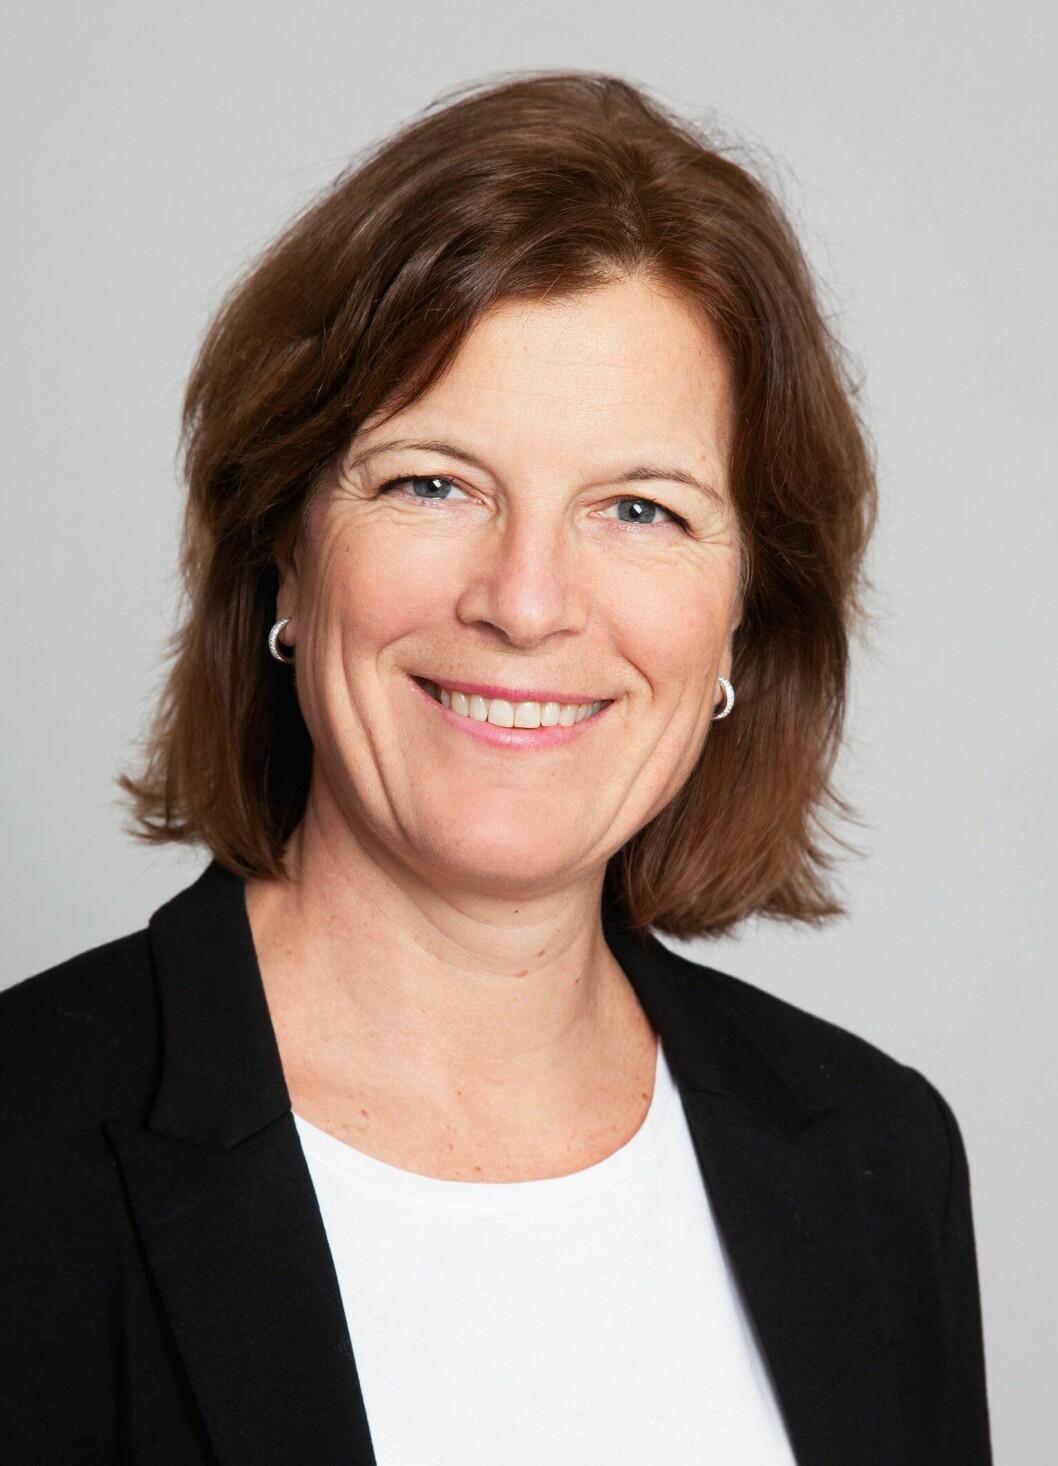 Professor Inger Marie Sunde, Politihøgskolen